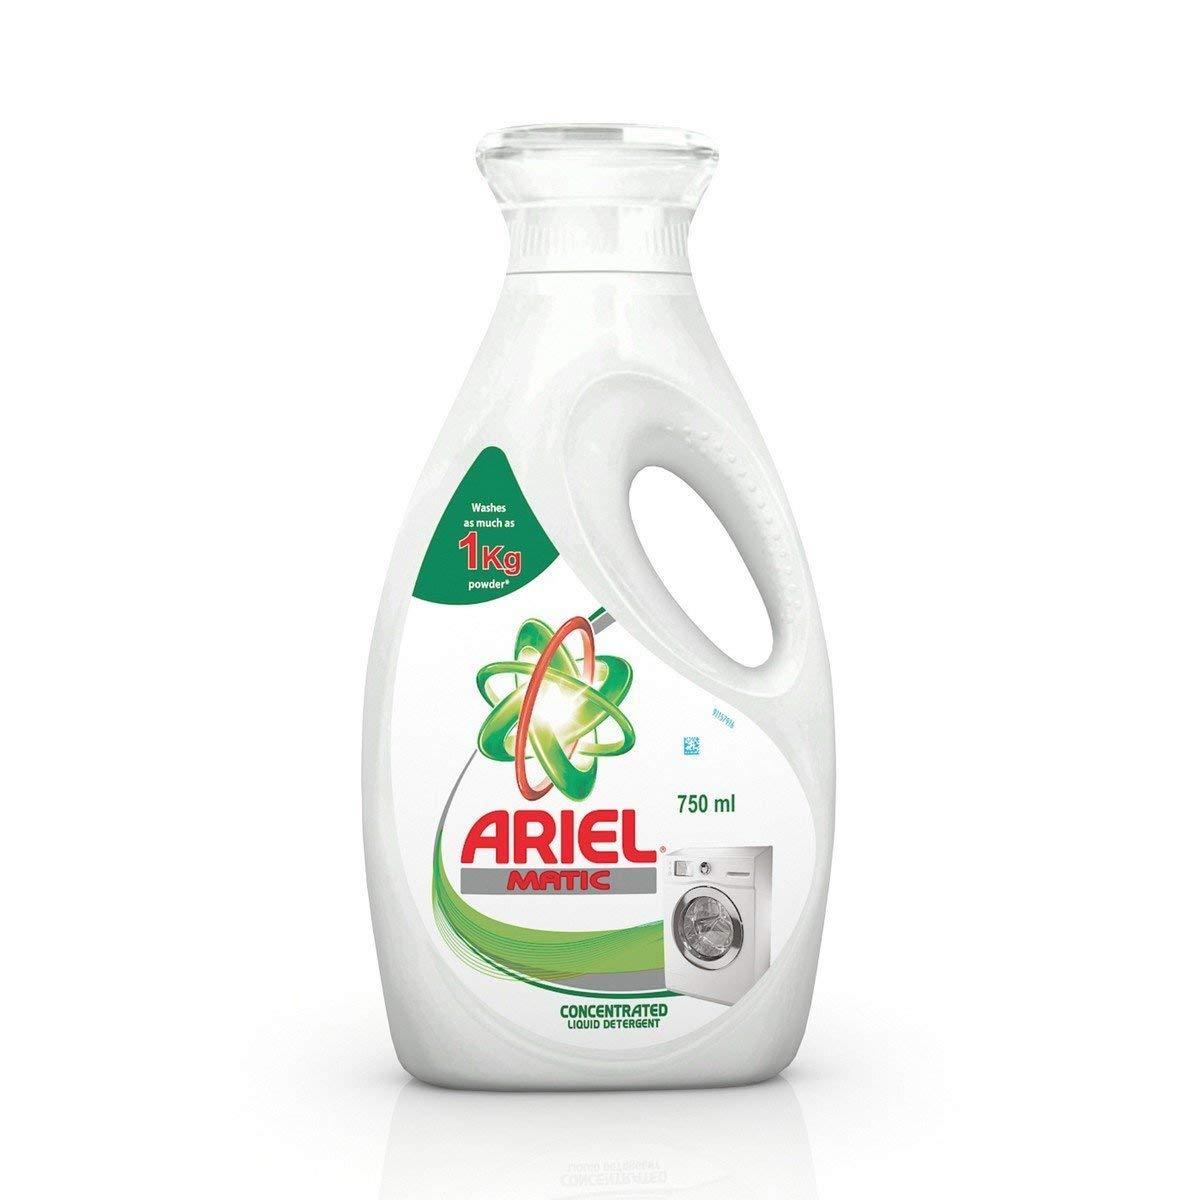 Ariel Matic Liquid Detergent - 750 ml